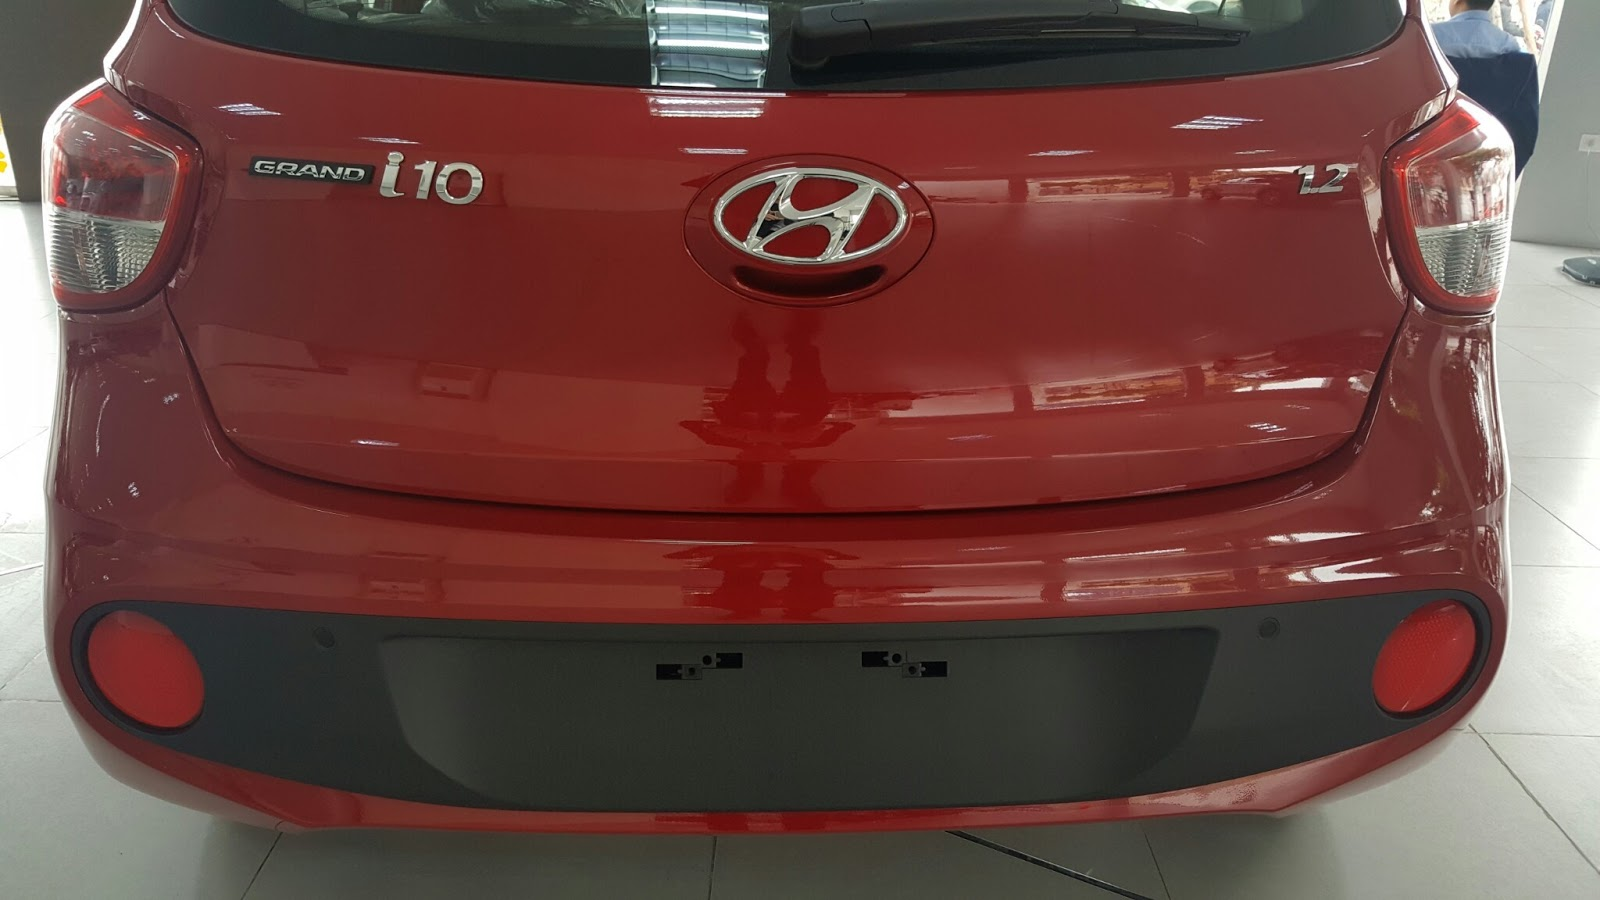 Xe Hyundai Grand i10 Hatchback 5 Cửa Màu Đỏ 011